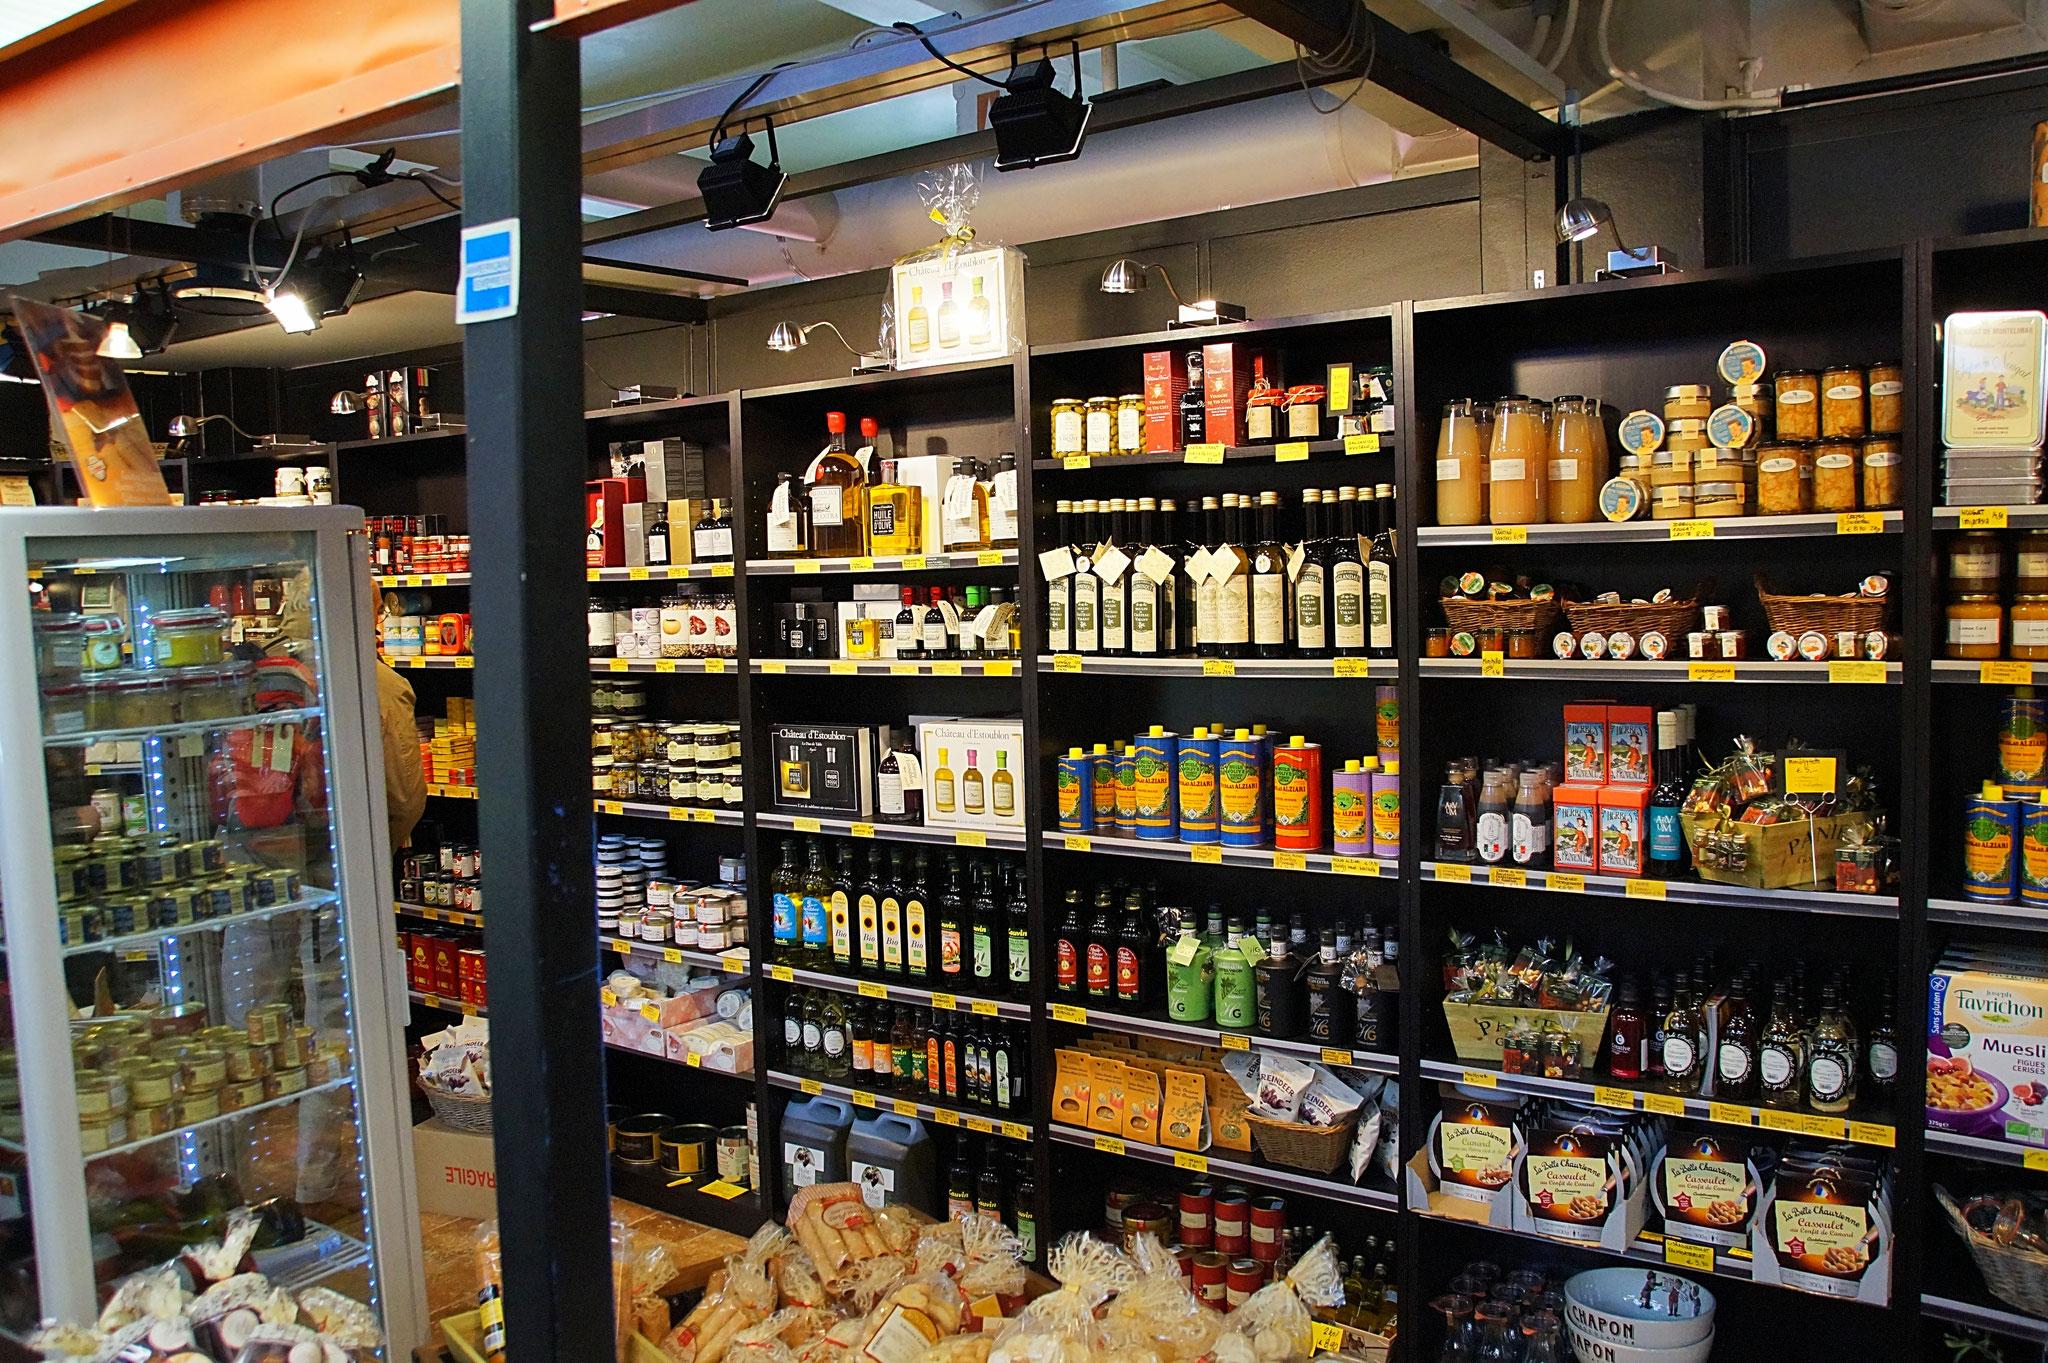 TOP 10 – Adelaide Central Market. Große Halle voller Stände mit Obst, Gemüse, Fleisch, Fisch etc. Nützlich war ein Laden mit Lebensmitteln für den Camperbedarf.